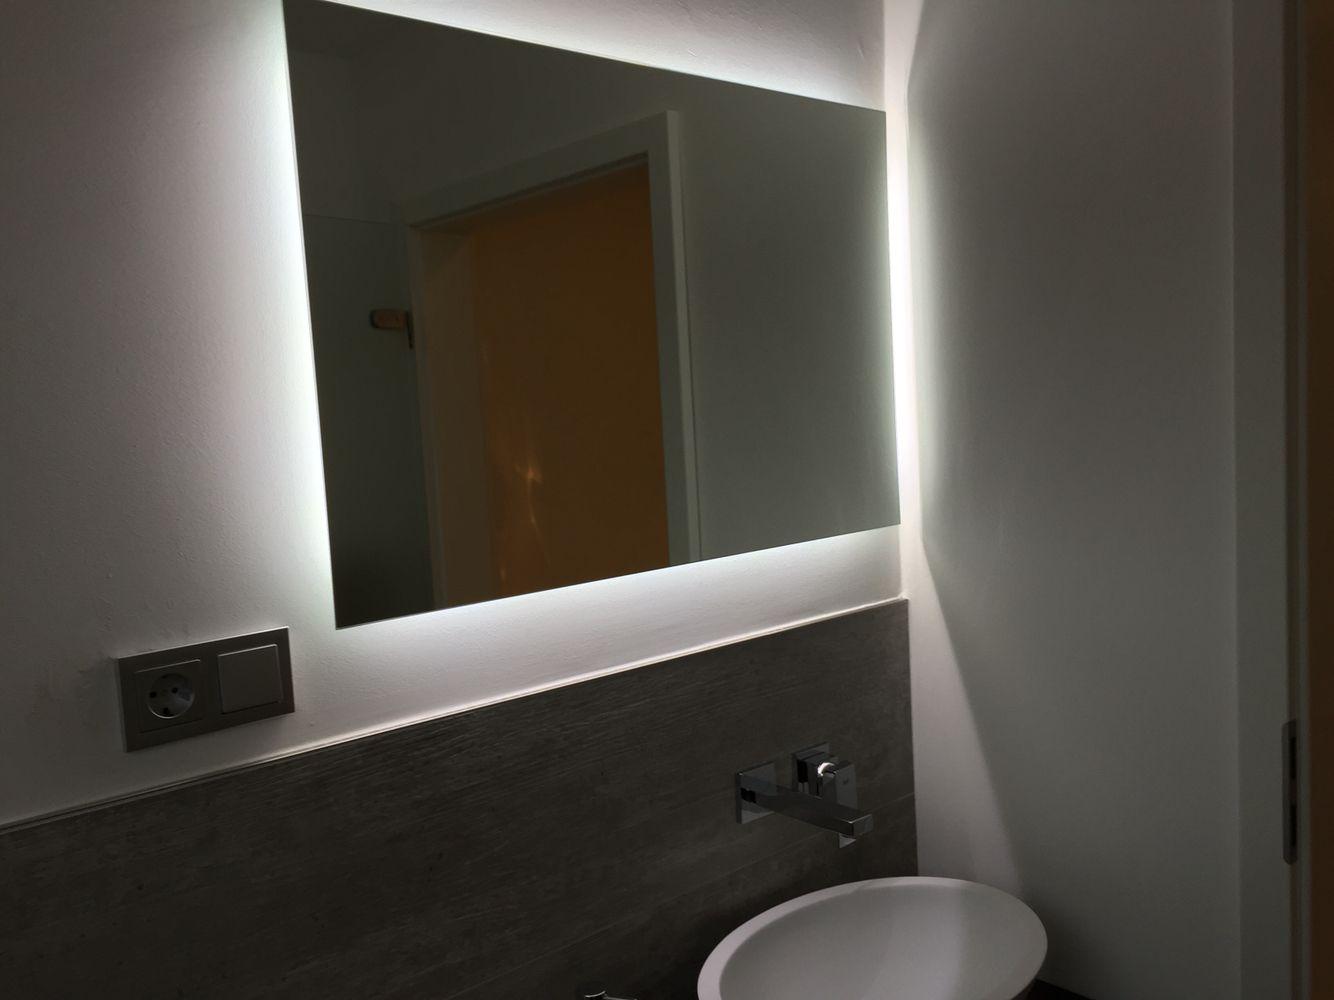 spiegel mit led beleuchtung von one bath im g ste wc traumb der pinterest spiegel mit led. Black Bedroom Furniture Sets. Home Design Ideas